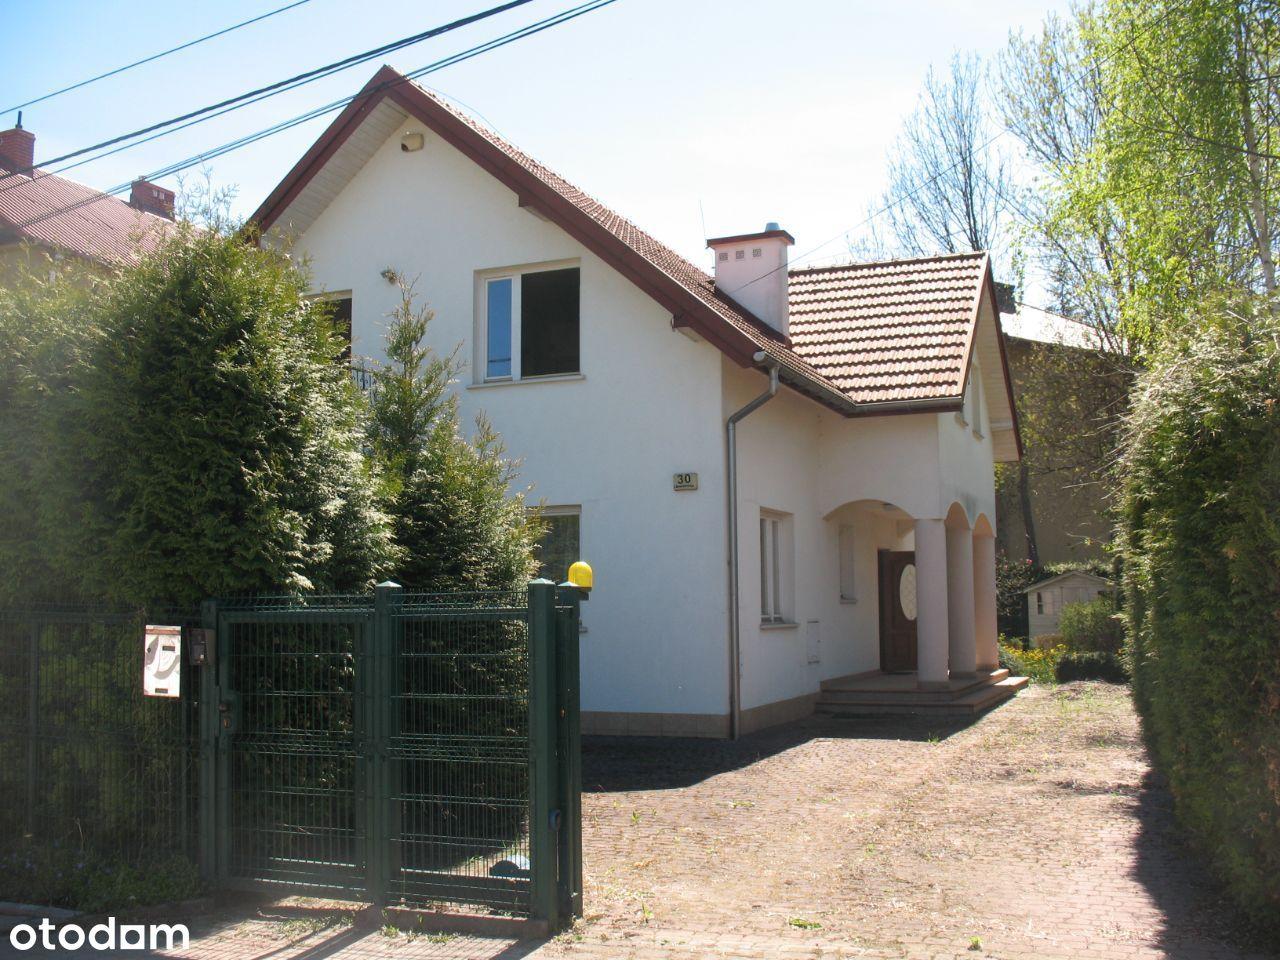 Piękny dom w super lokalizacji - Wola Justowska